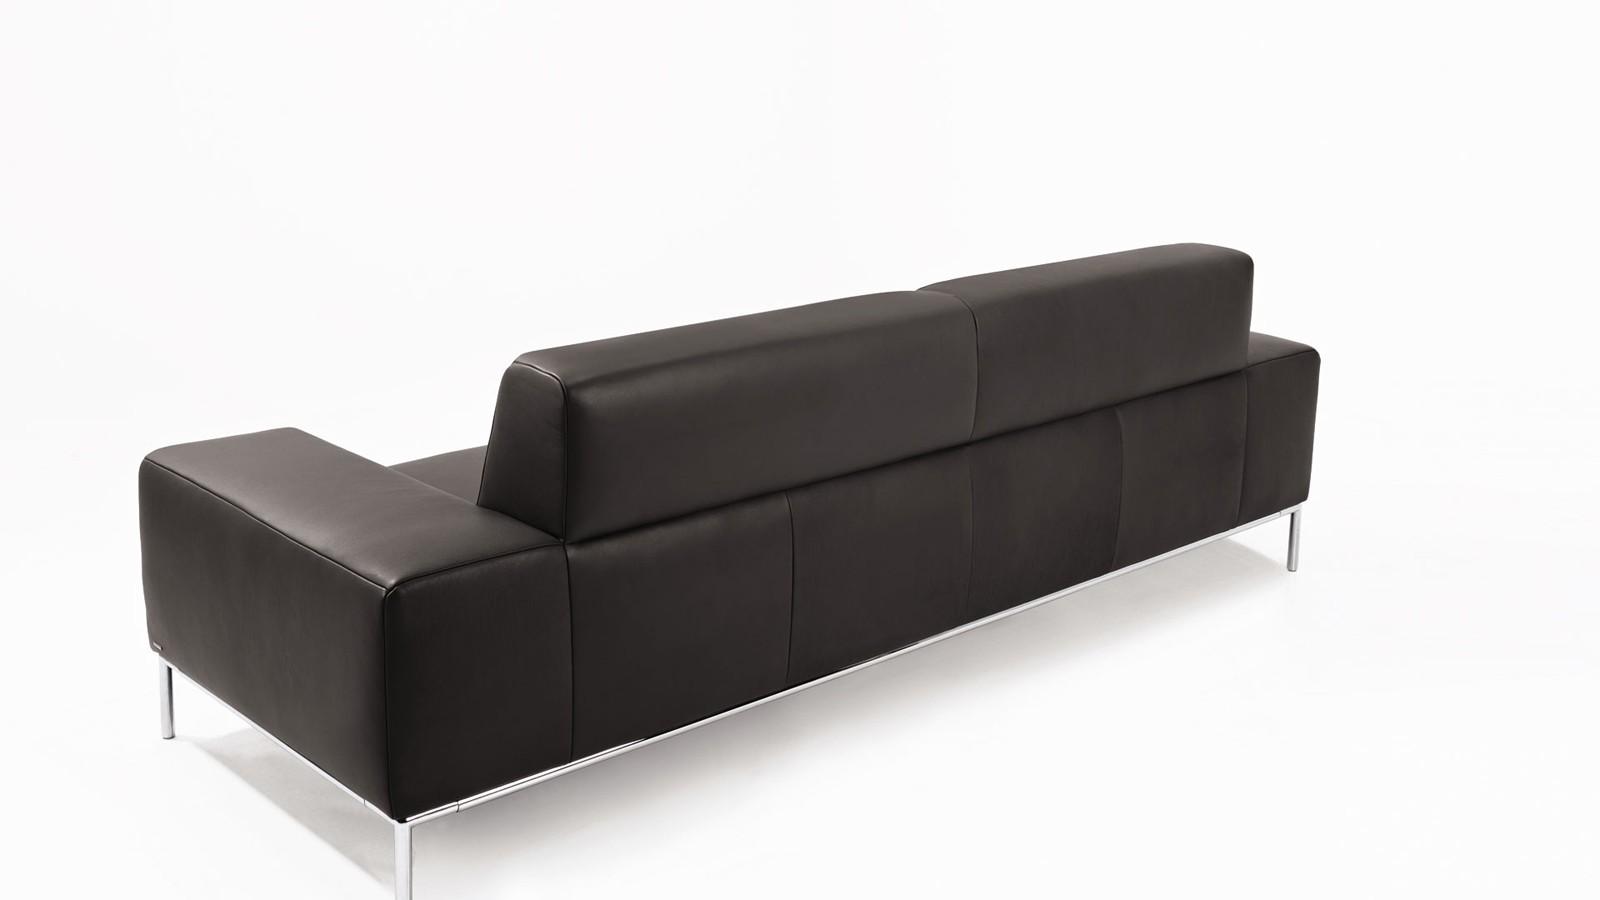 Canapea modernă Koinor Generale